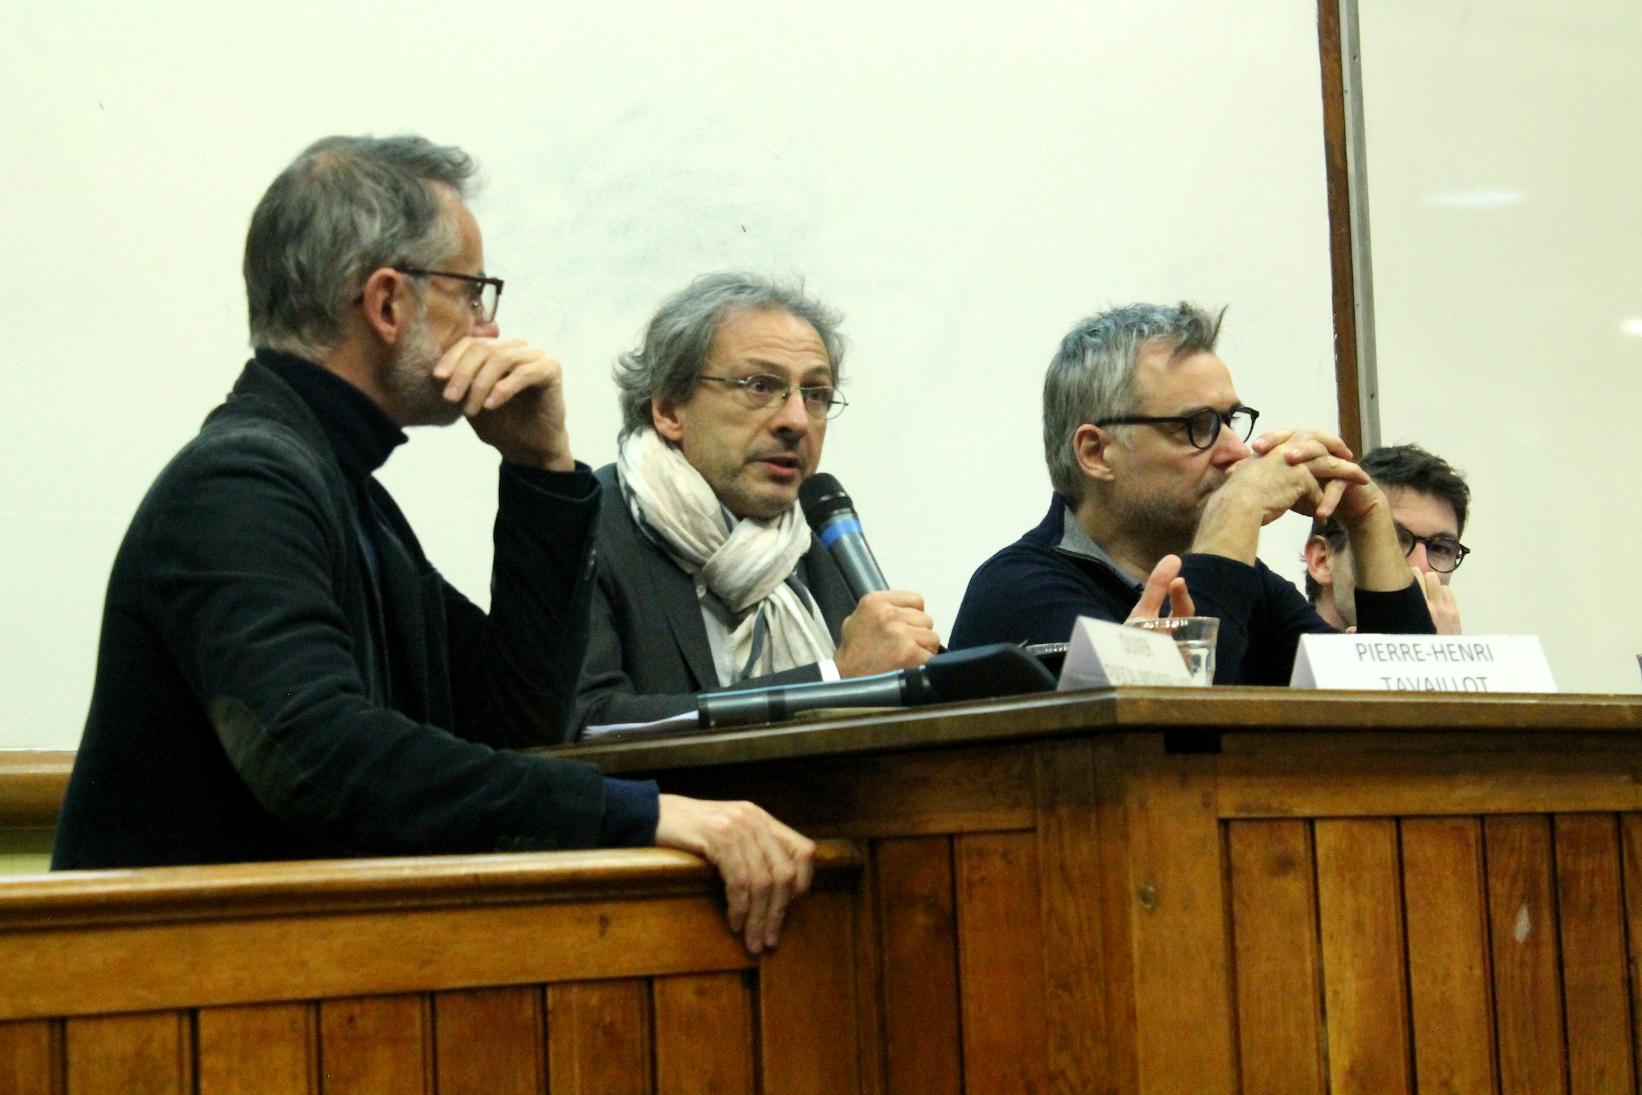 Le débat, animé par Olivier Pascal-Moussellard de Télérama (à gauche), a réuni (de gauche à droite) Pierre-Henri Tavoillot, Emmanuel Dockès et Antoine Dulin.